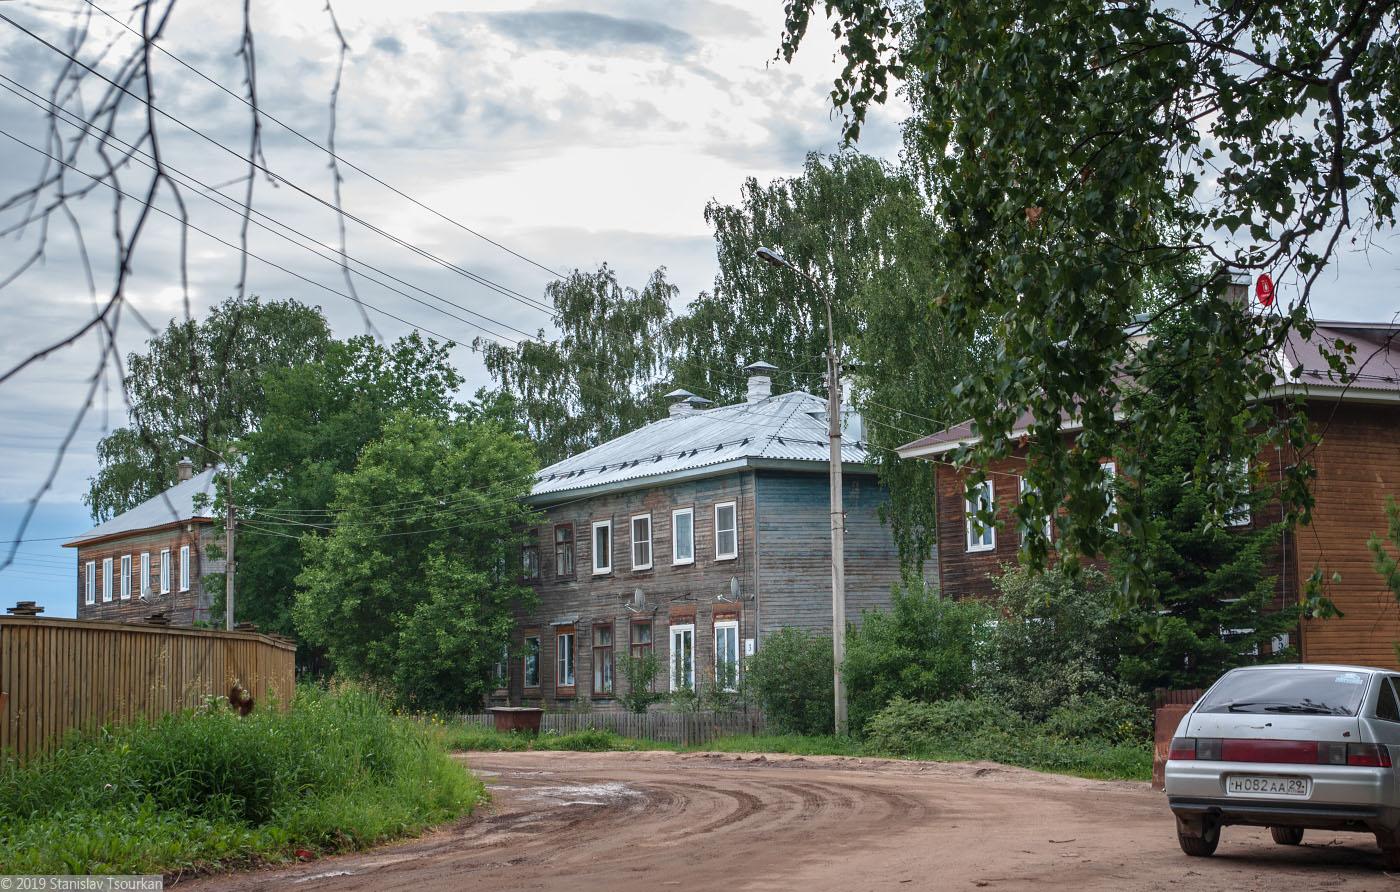 Вологодская область, Вологодчина, Великий устюг, Русский север, улица Пушкина